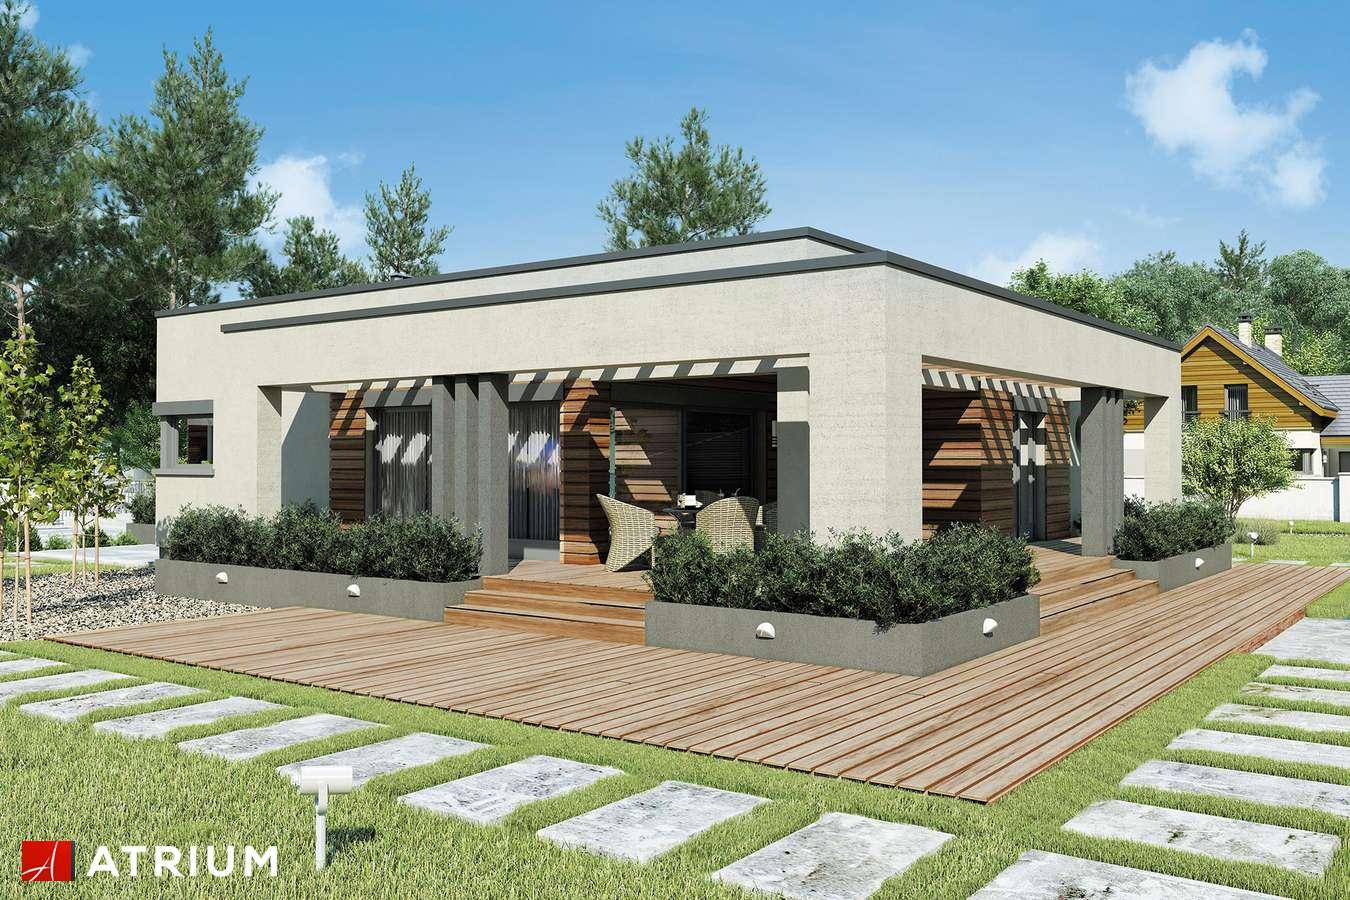 Projekty domów - Projekt domu parterowego SARDYNIA II SZ - wizualizacja 2 - wersja lustrzana